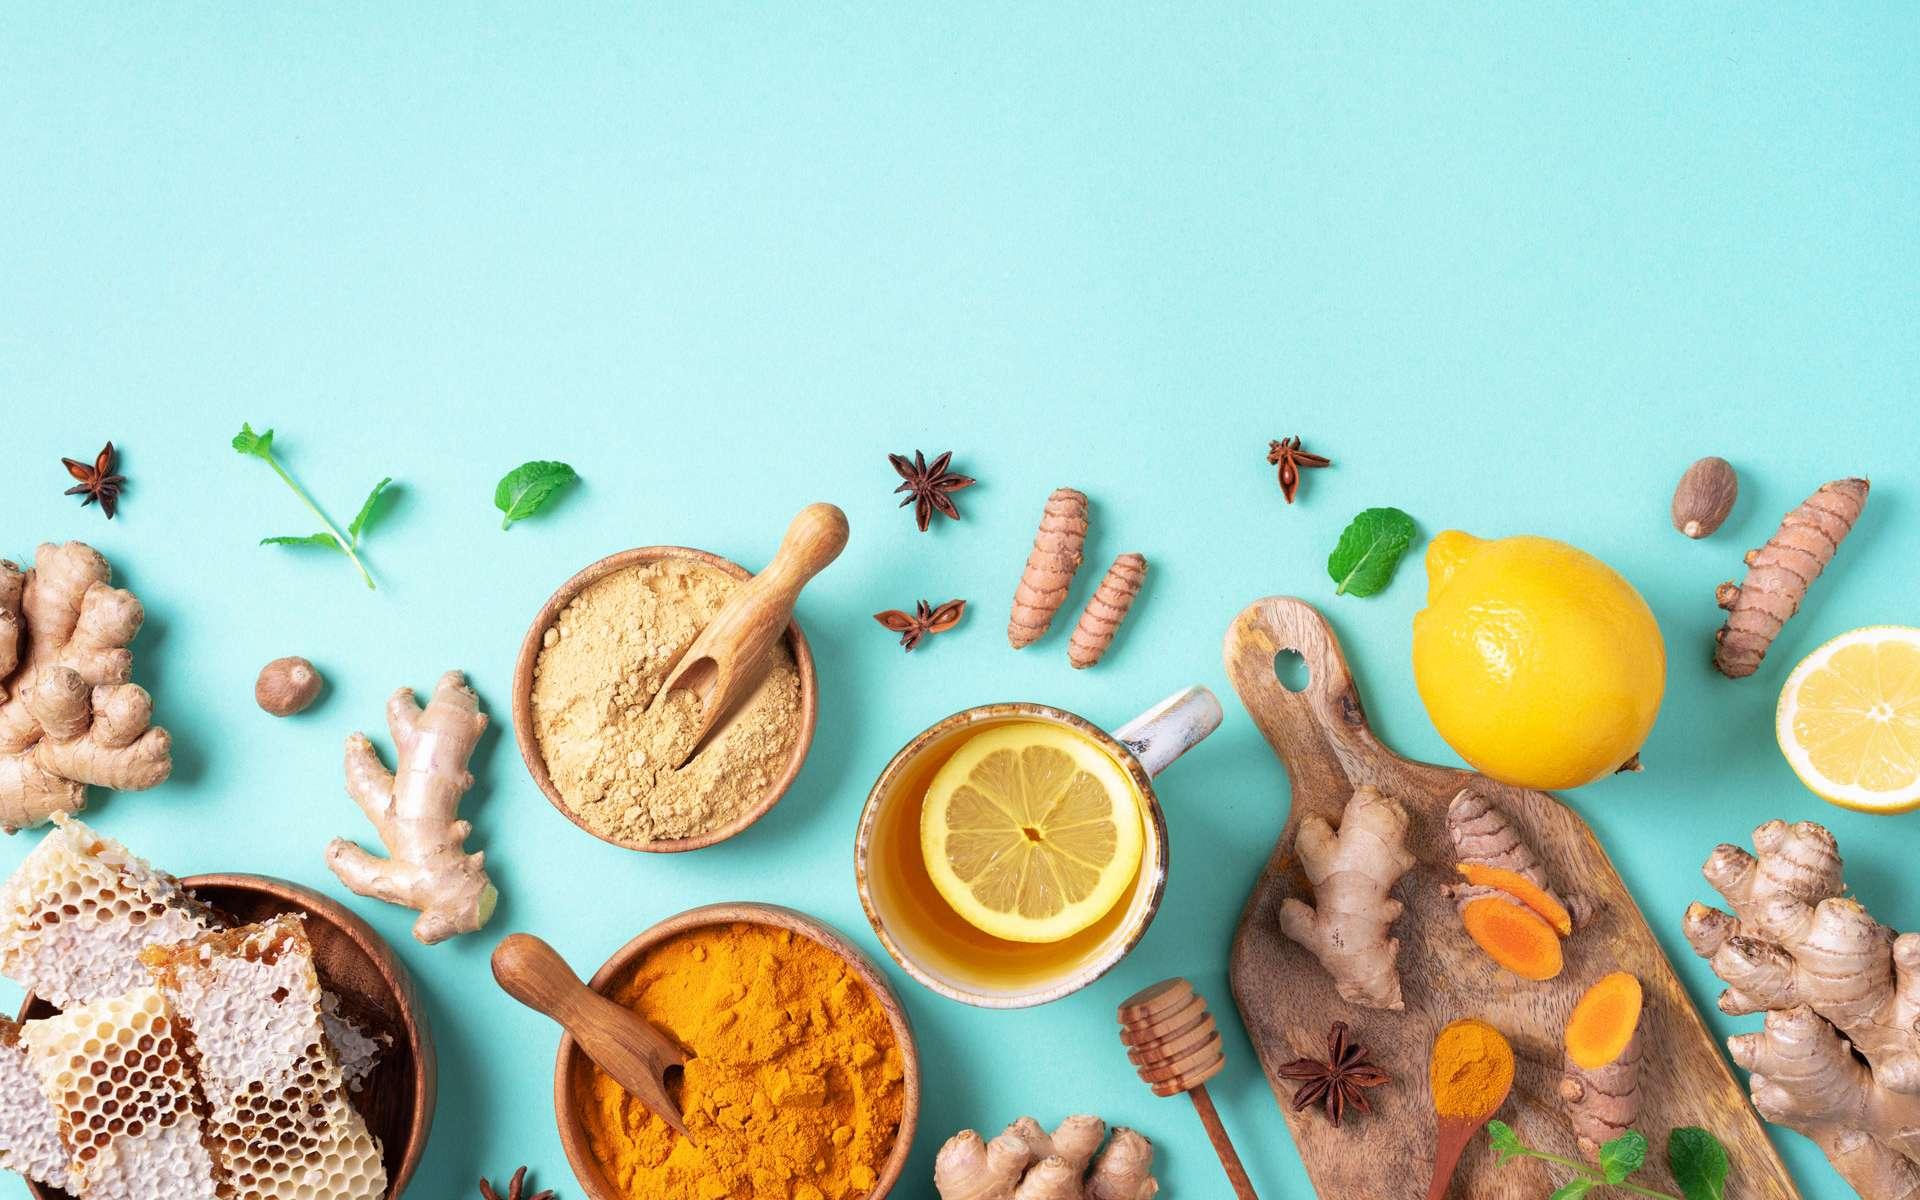 Des épices et des aliments sains réputés pour leurs bienfaits sur le système immunitaire ©jchizhe, envato